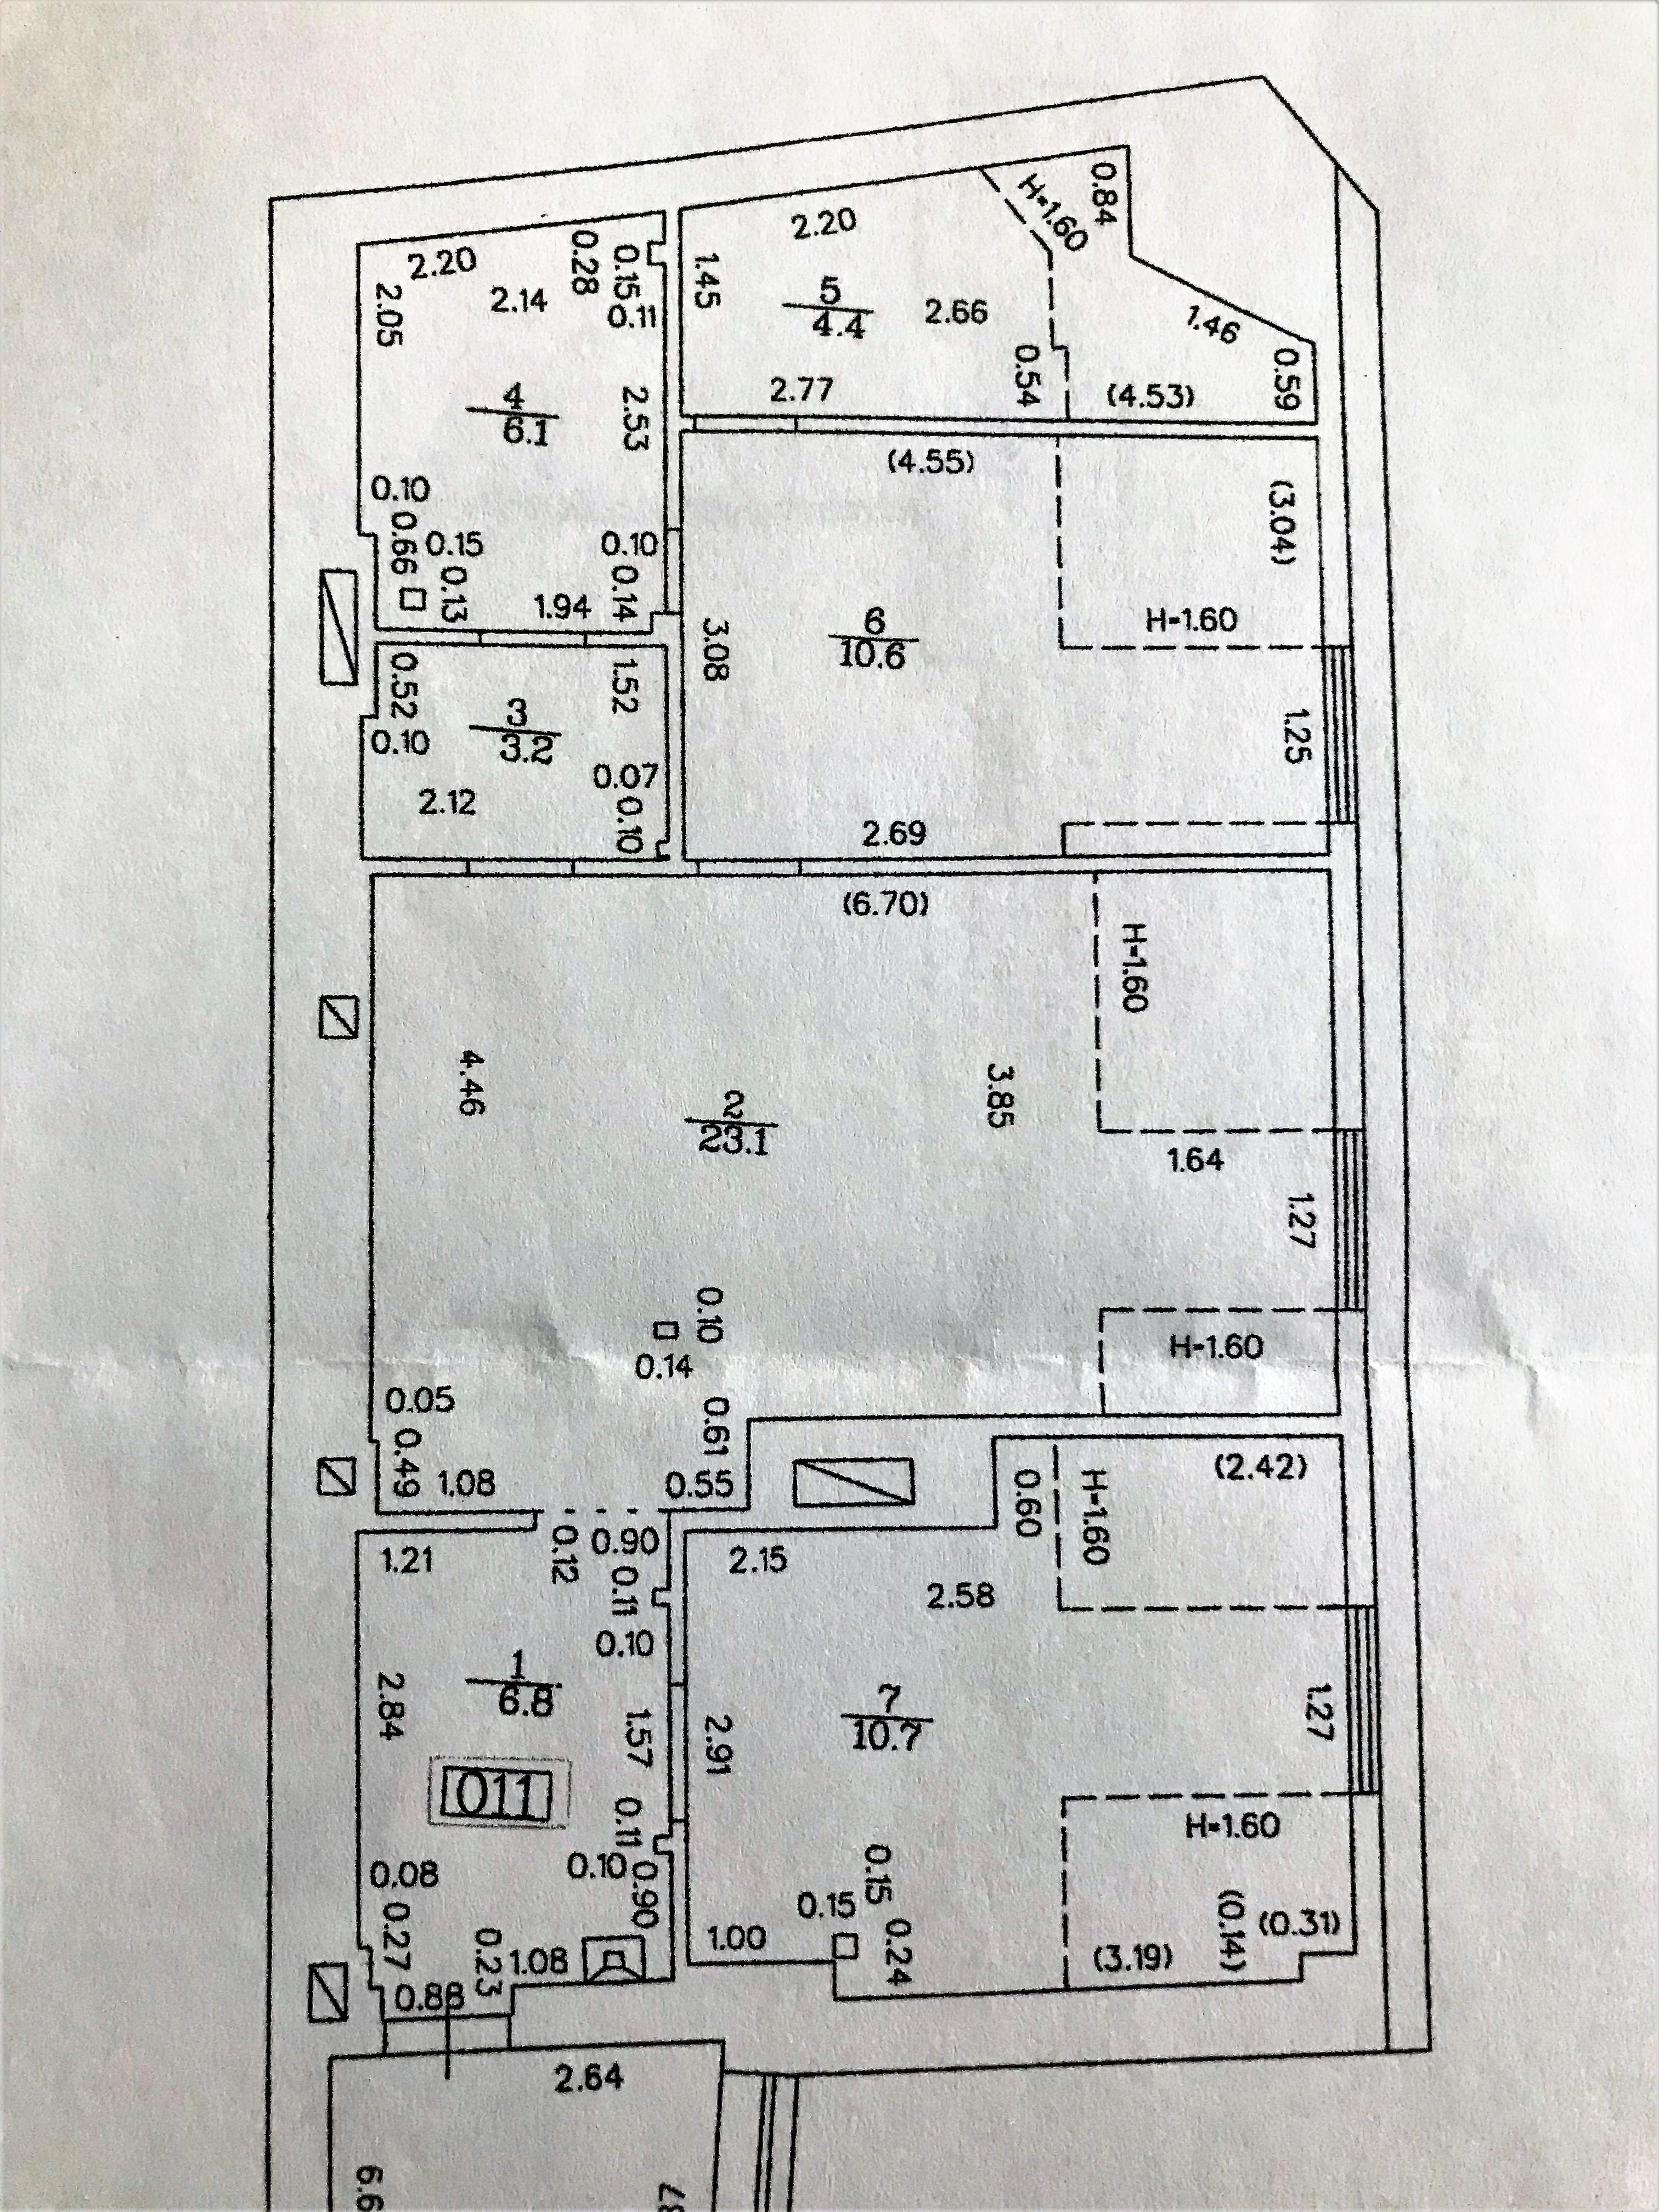 Pārdod dzīvokli, Dzirnavu iela 92 - Attēls 1